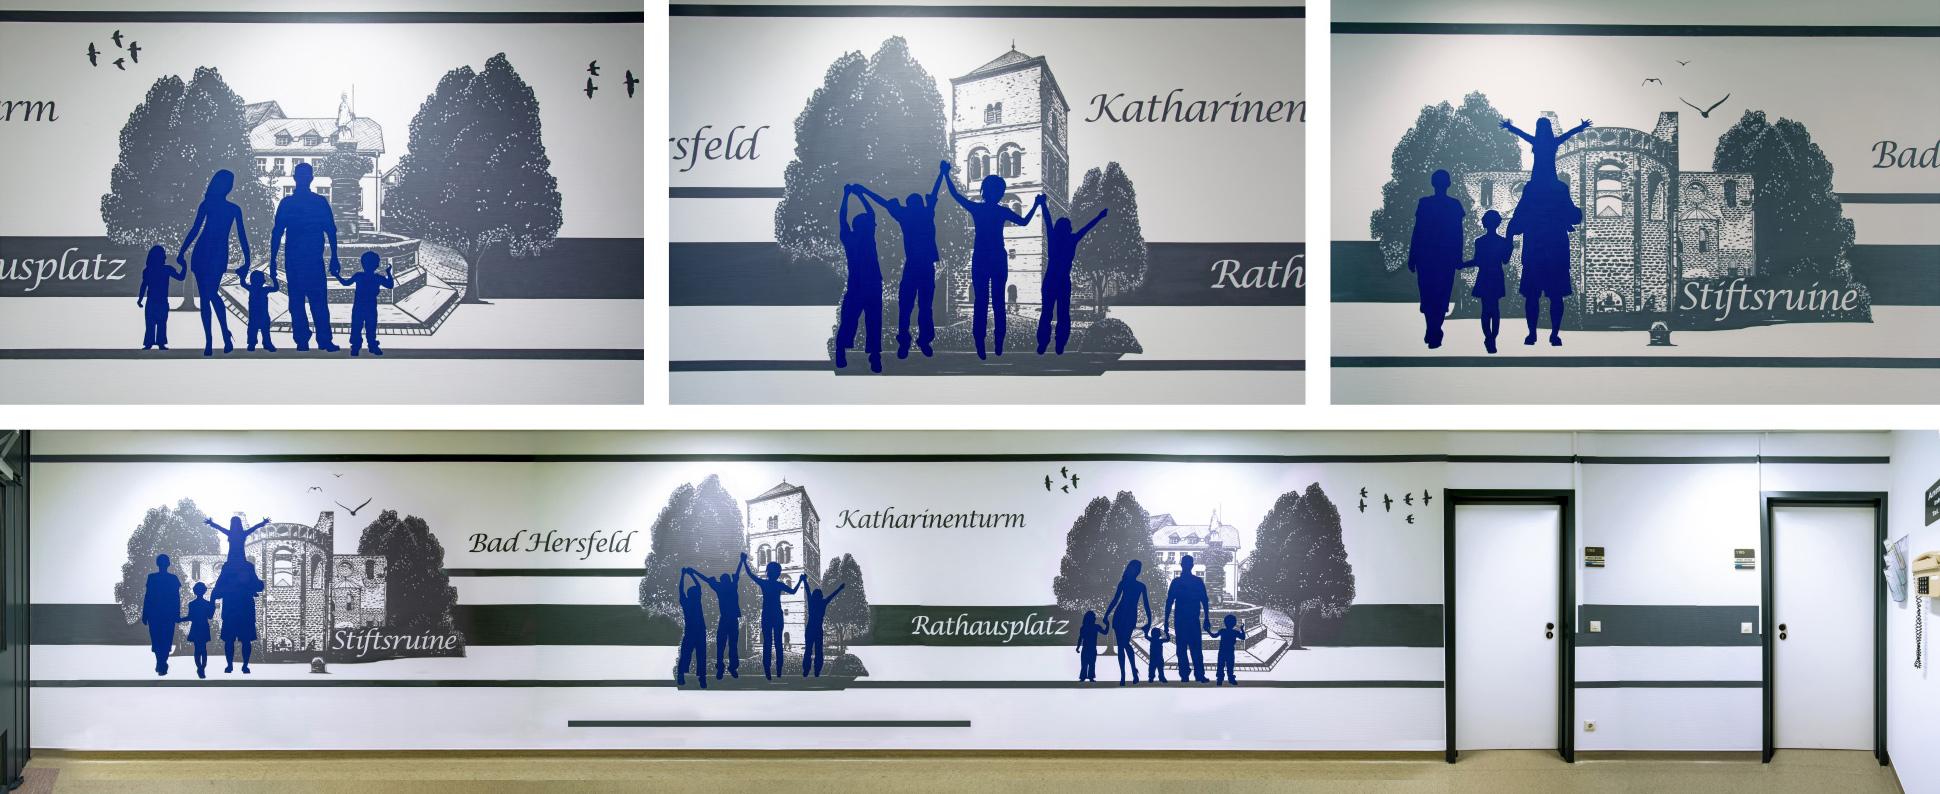 Graffiti Wandmalerei im Klinikum Bad Hersfeld